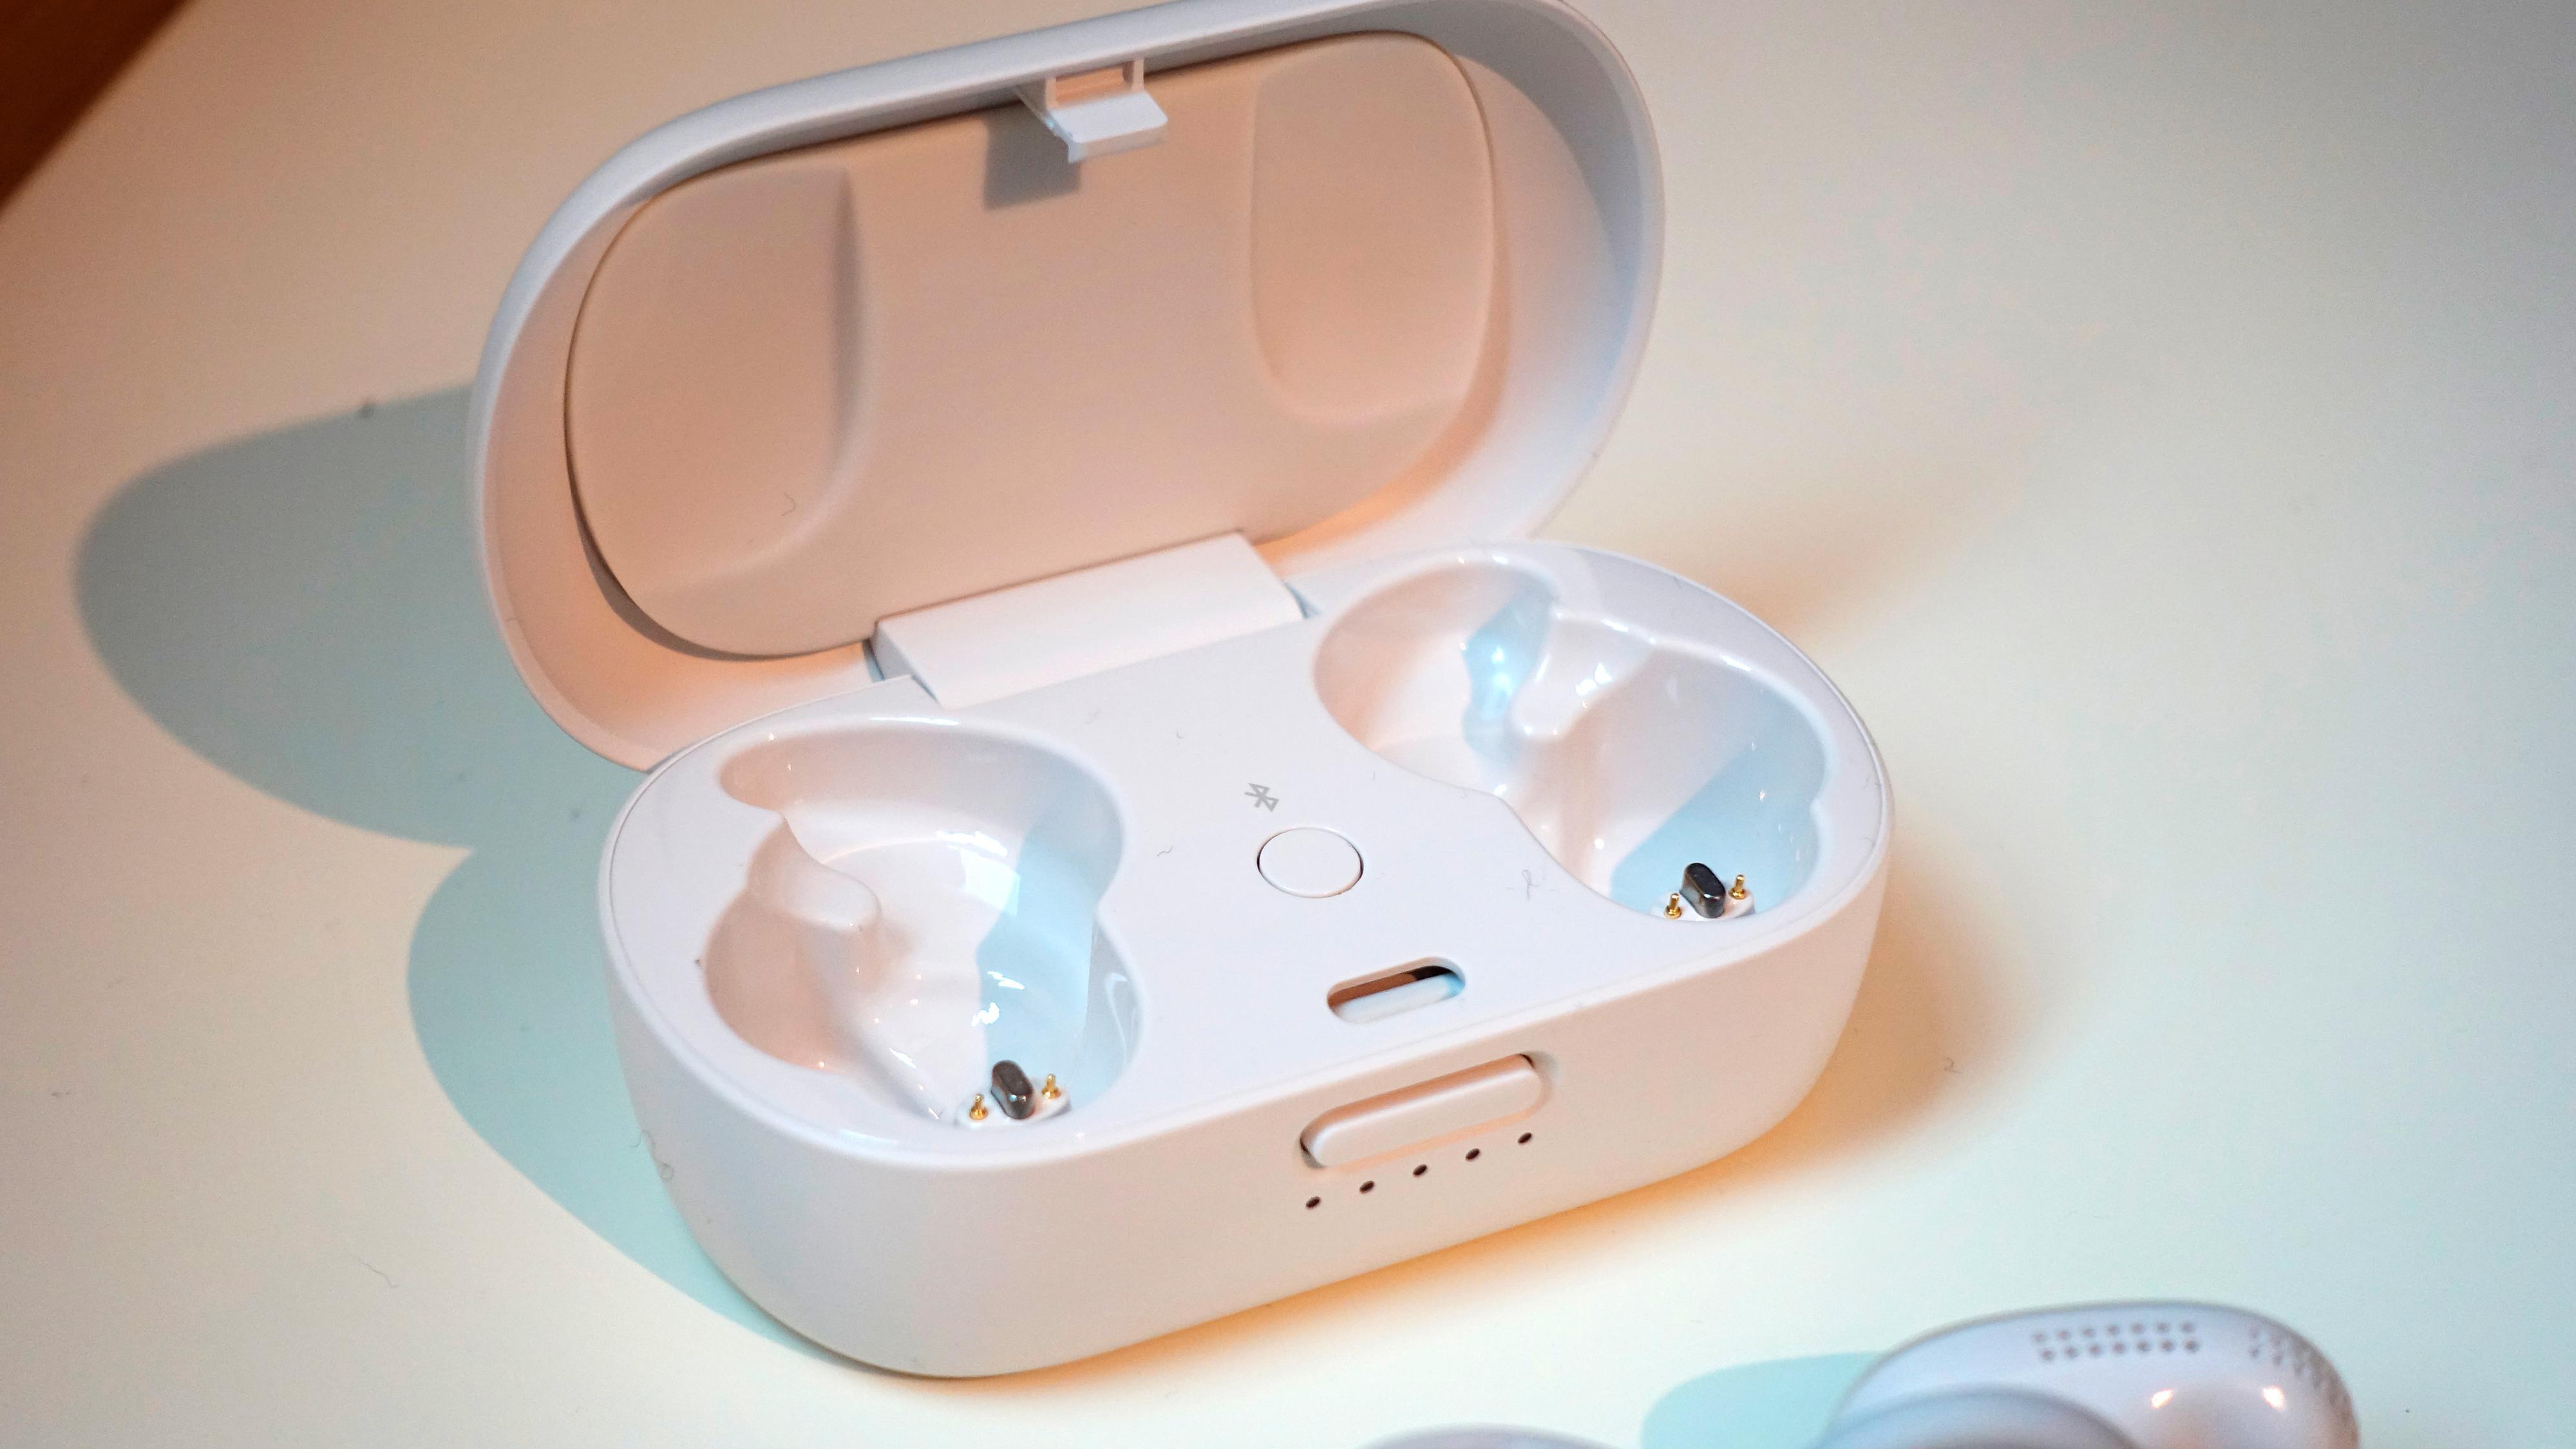 Når du tar øreproppene ut av eska første gang, vil de automatisk gå i paringsmodus. For å koble dem til Bose-appen må du dessuten holde inne knappen inne i etuiet, og det gjøres også om du vil pare dem med nye enheter.